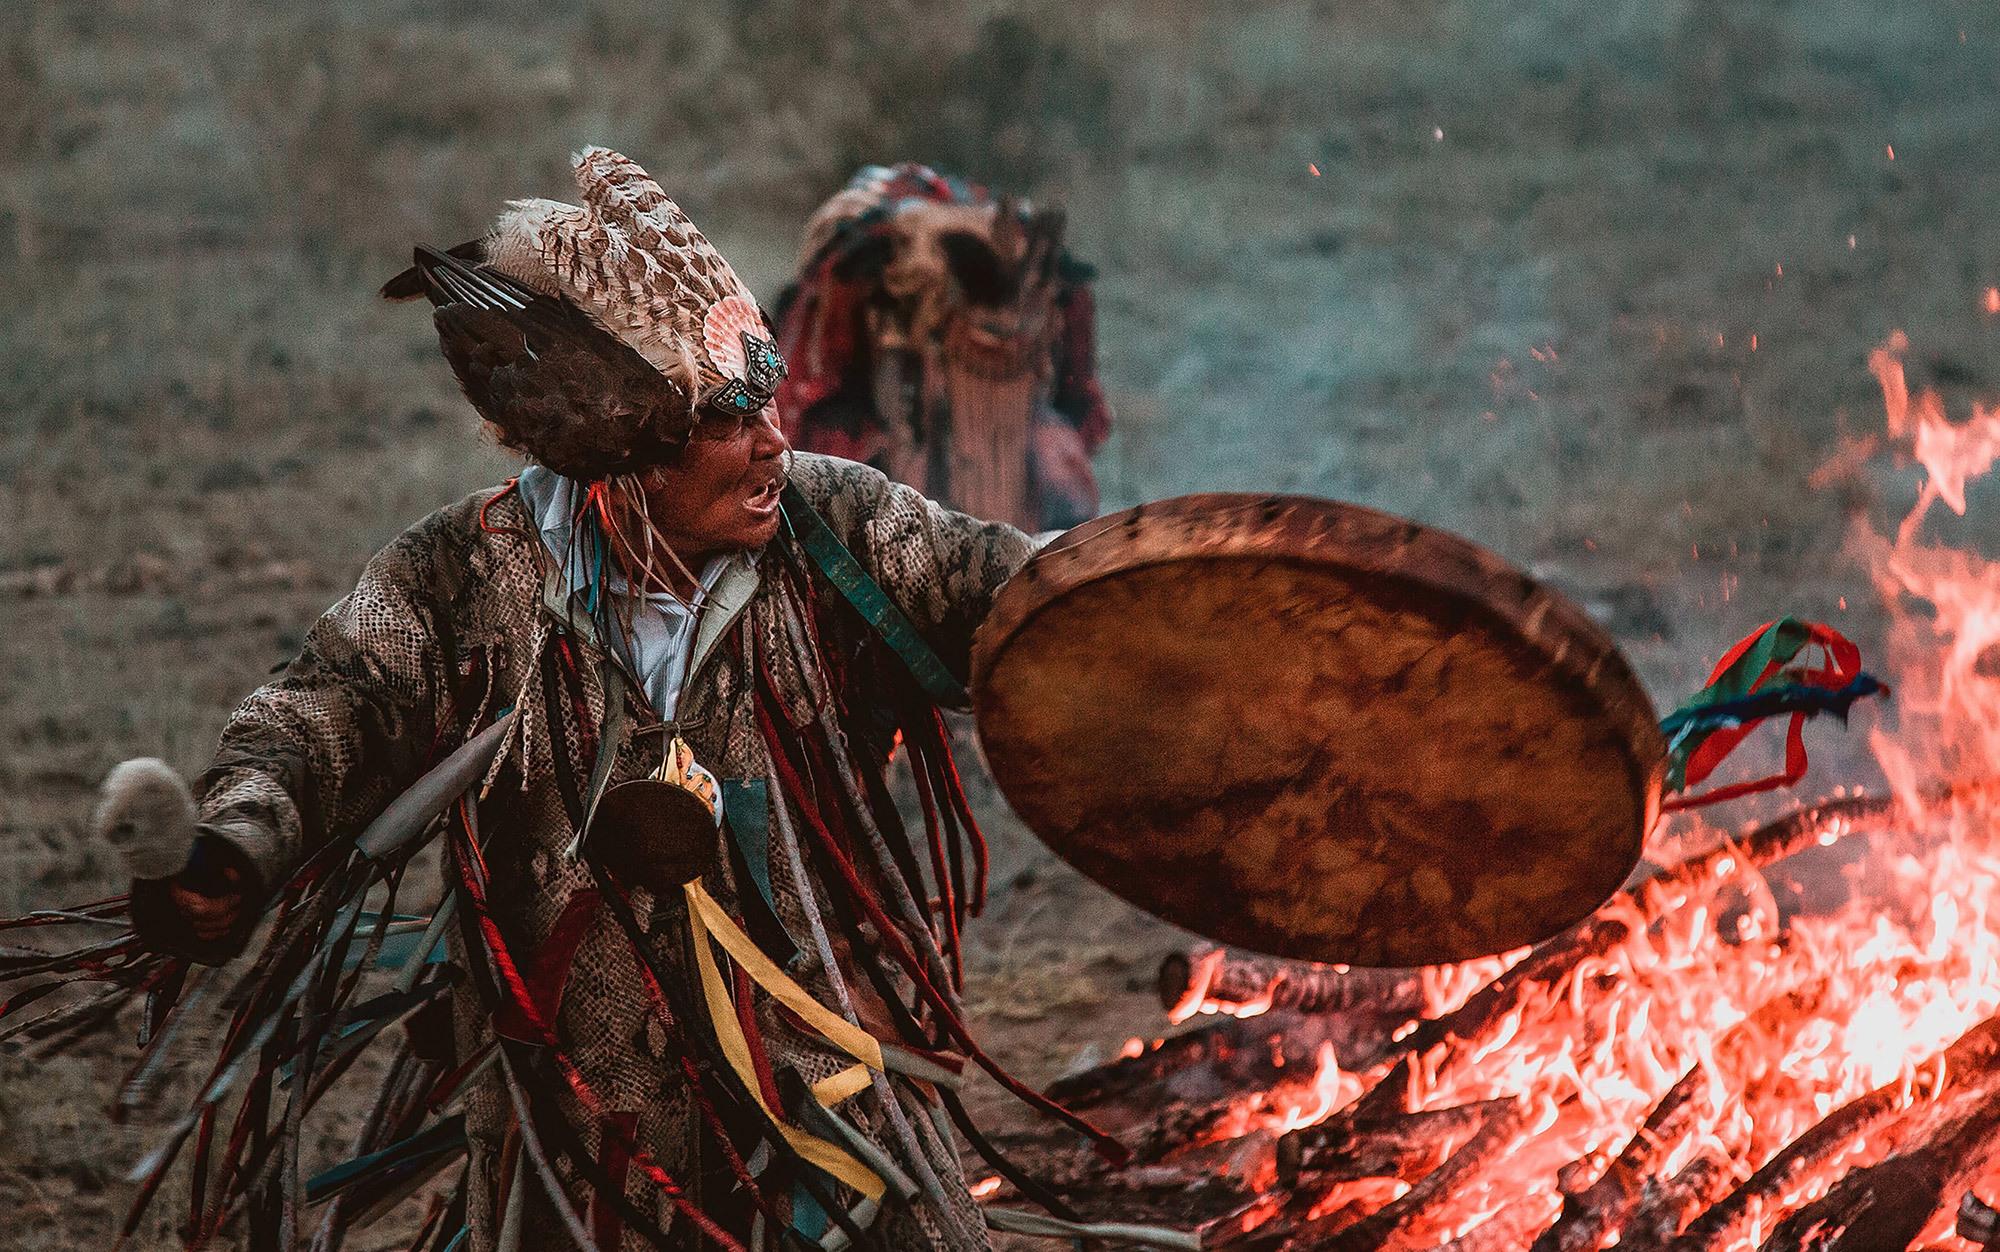 aboriginal people in canada essay Aborigines and native americans- a compare and contrast essay  treatment of aborigines and native americans  of the aboriginal people.